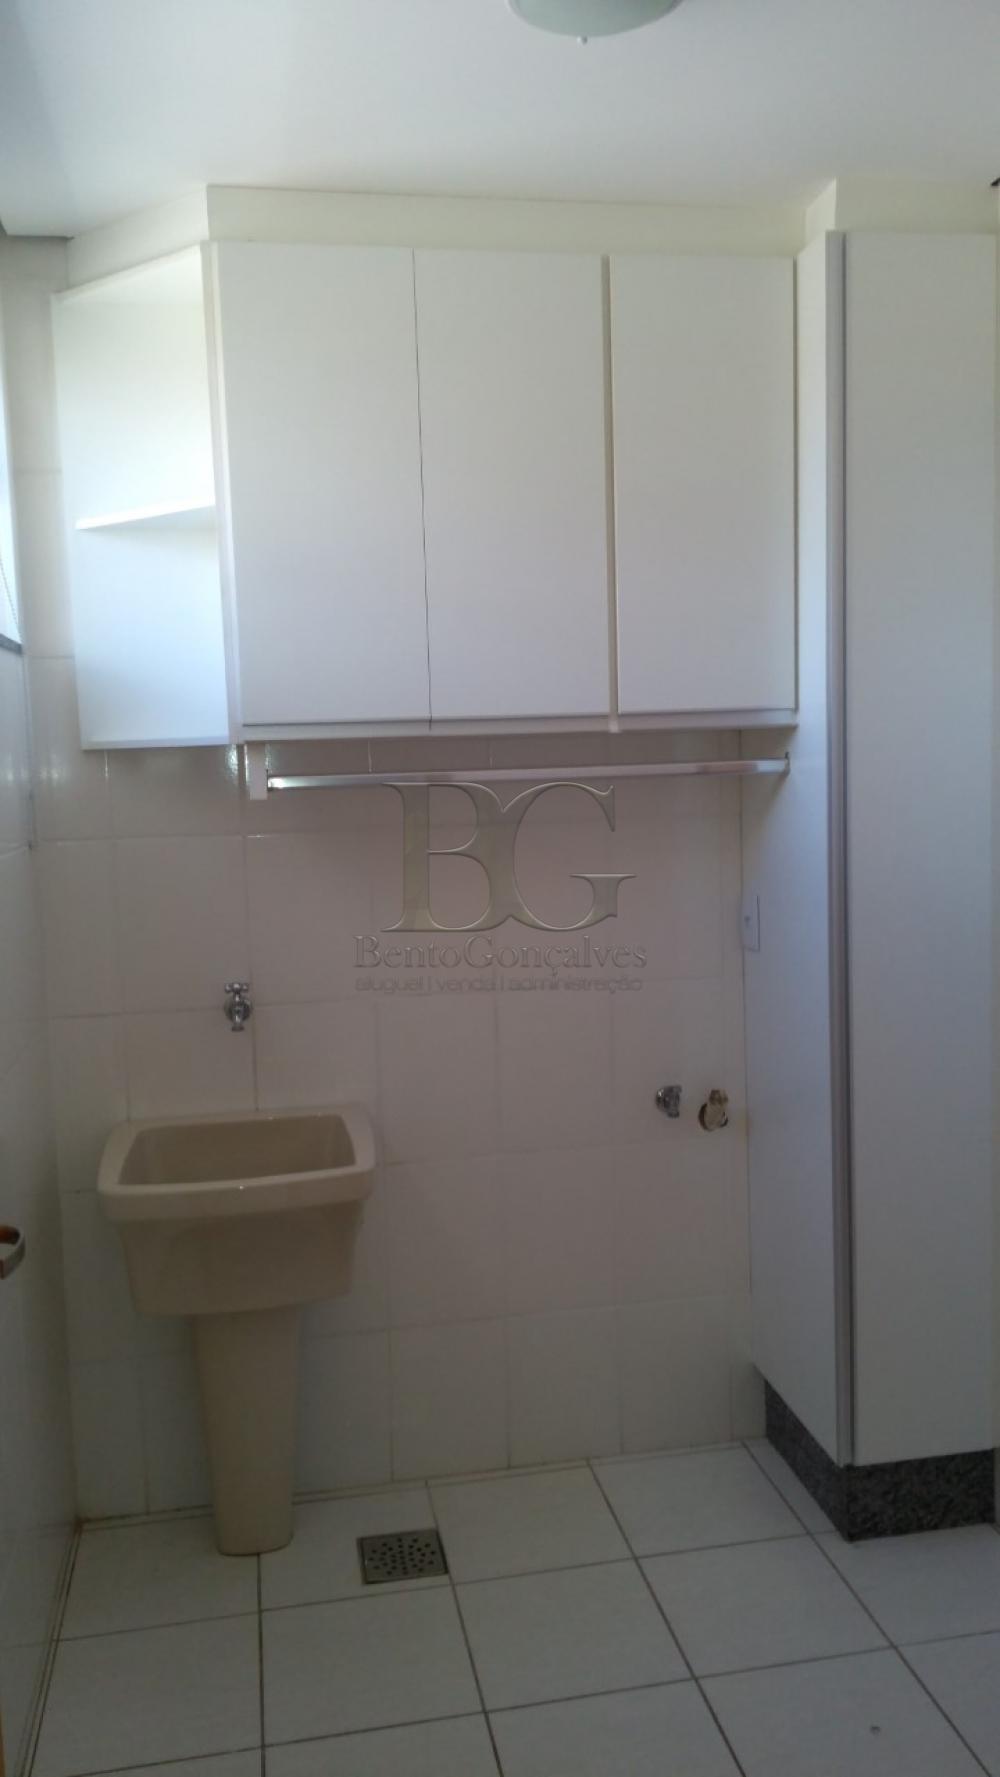 Alugar Apartamentos / Padrão em Poços de Caldas apenas R$ 1.000,00 - Foto 12